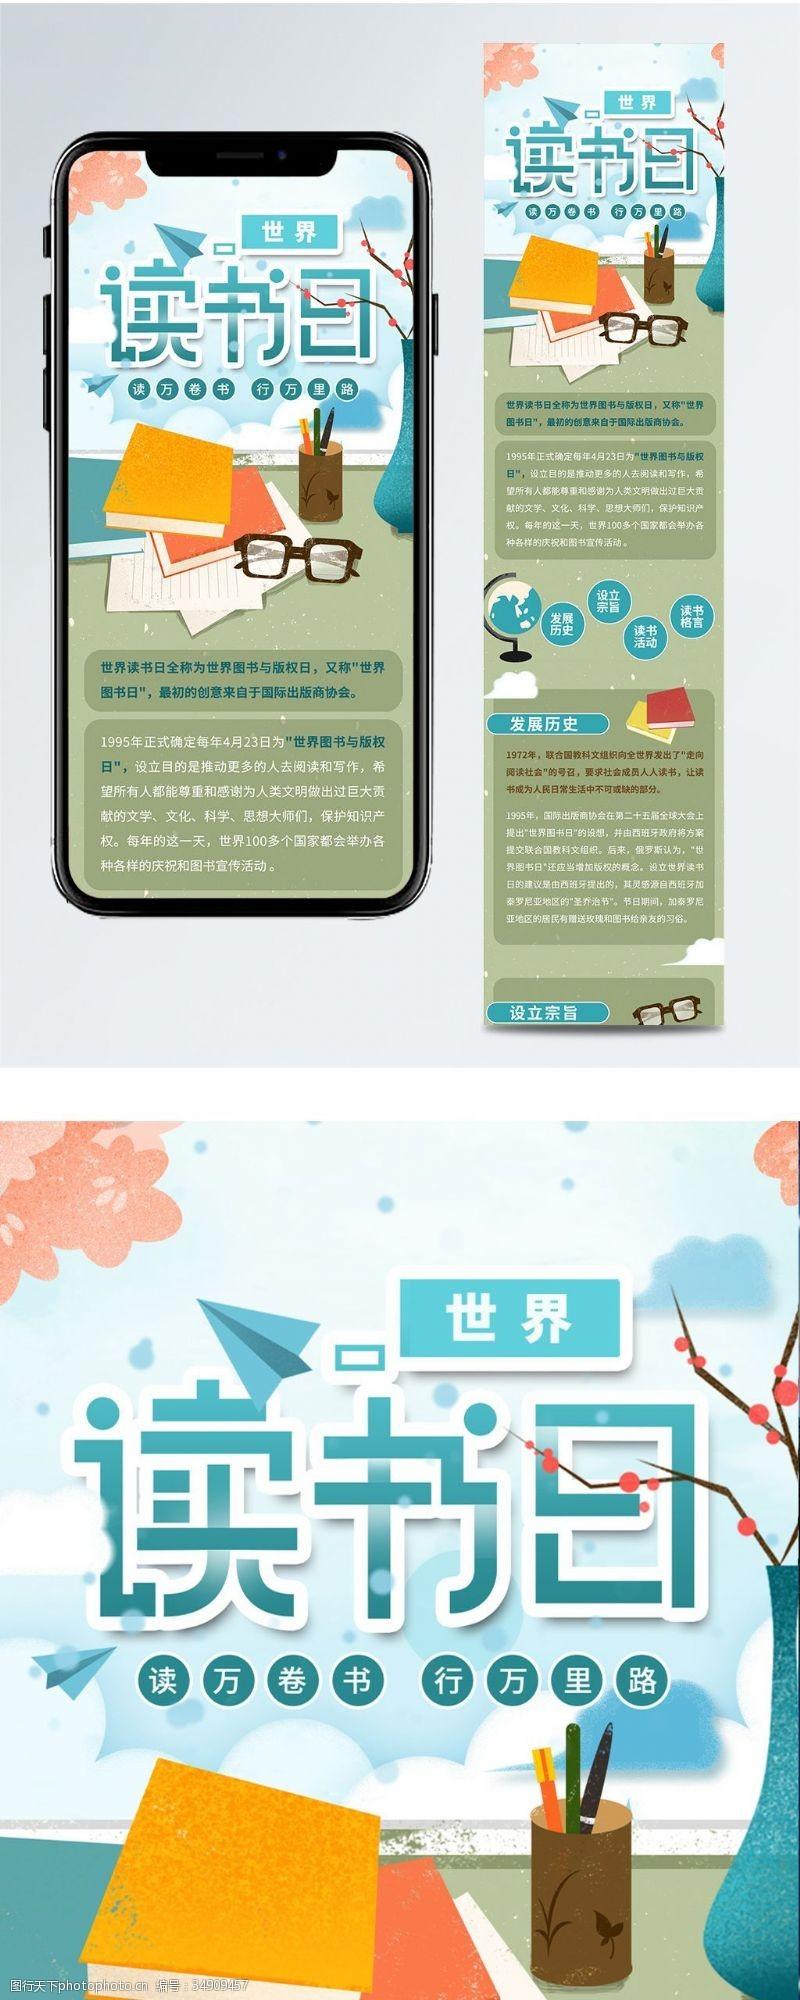 手机微信配图世界读书日书本眼镜笔筒信息长图